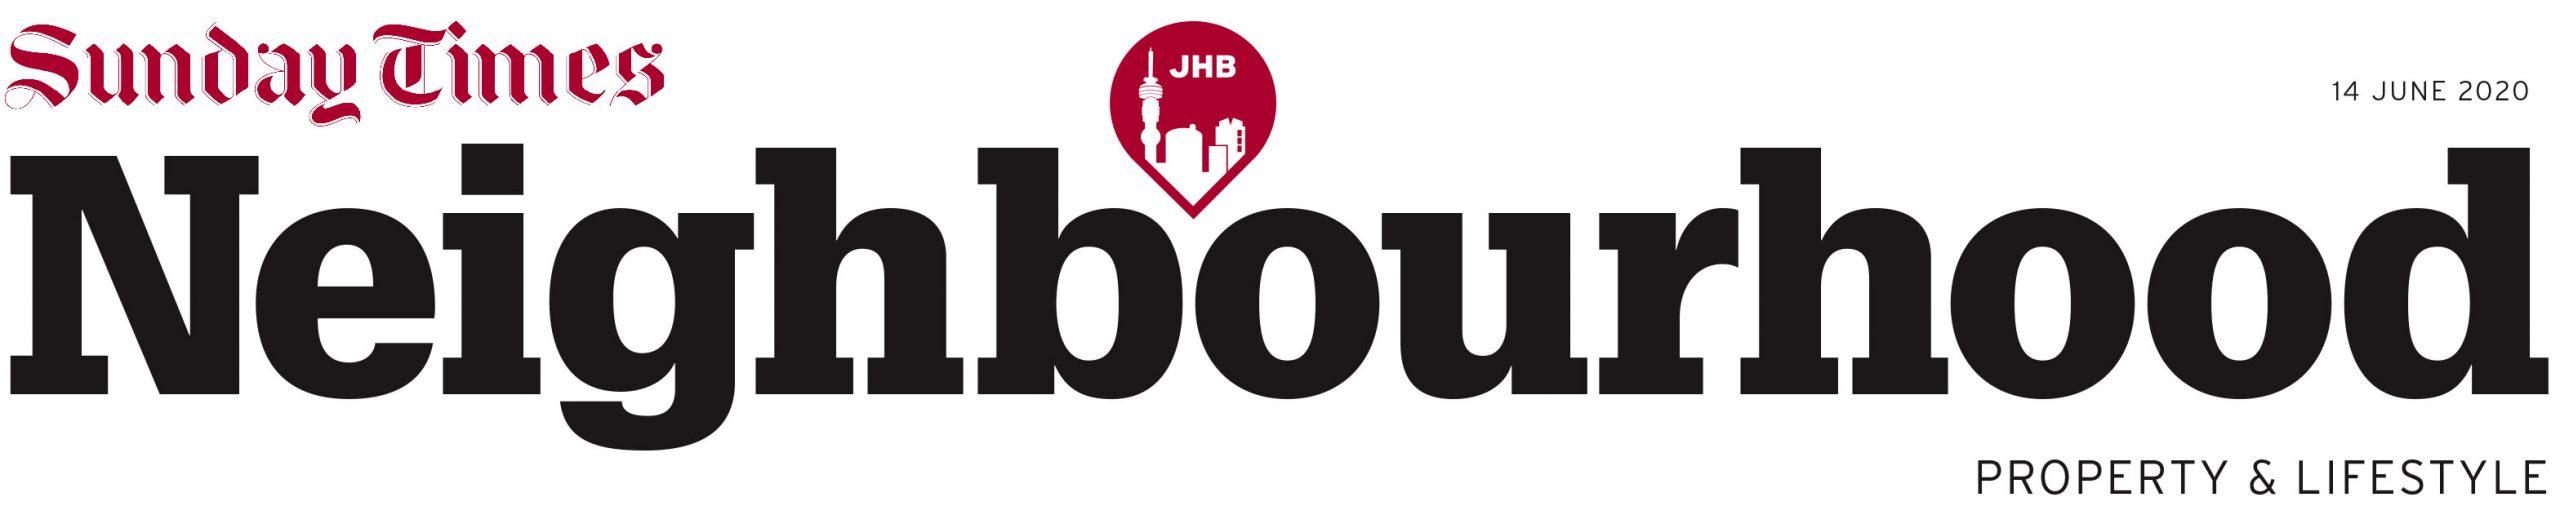 logo-_14-june